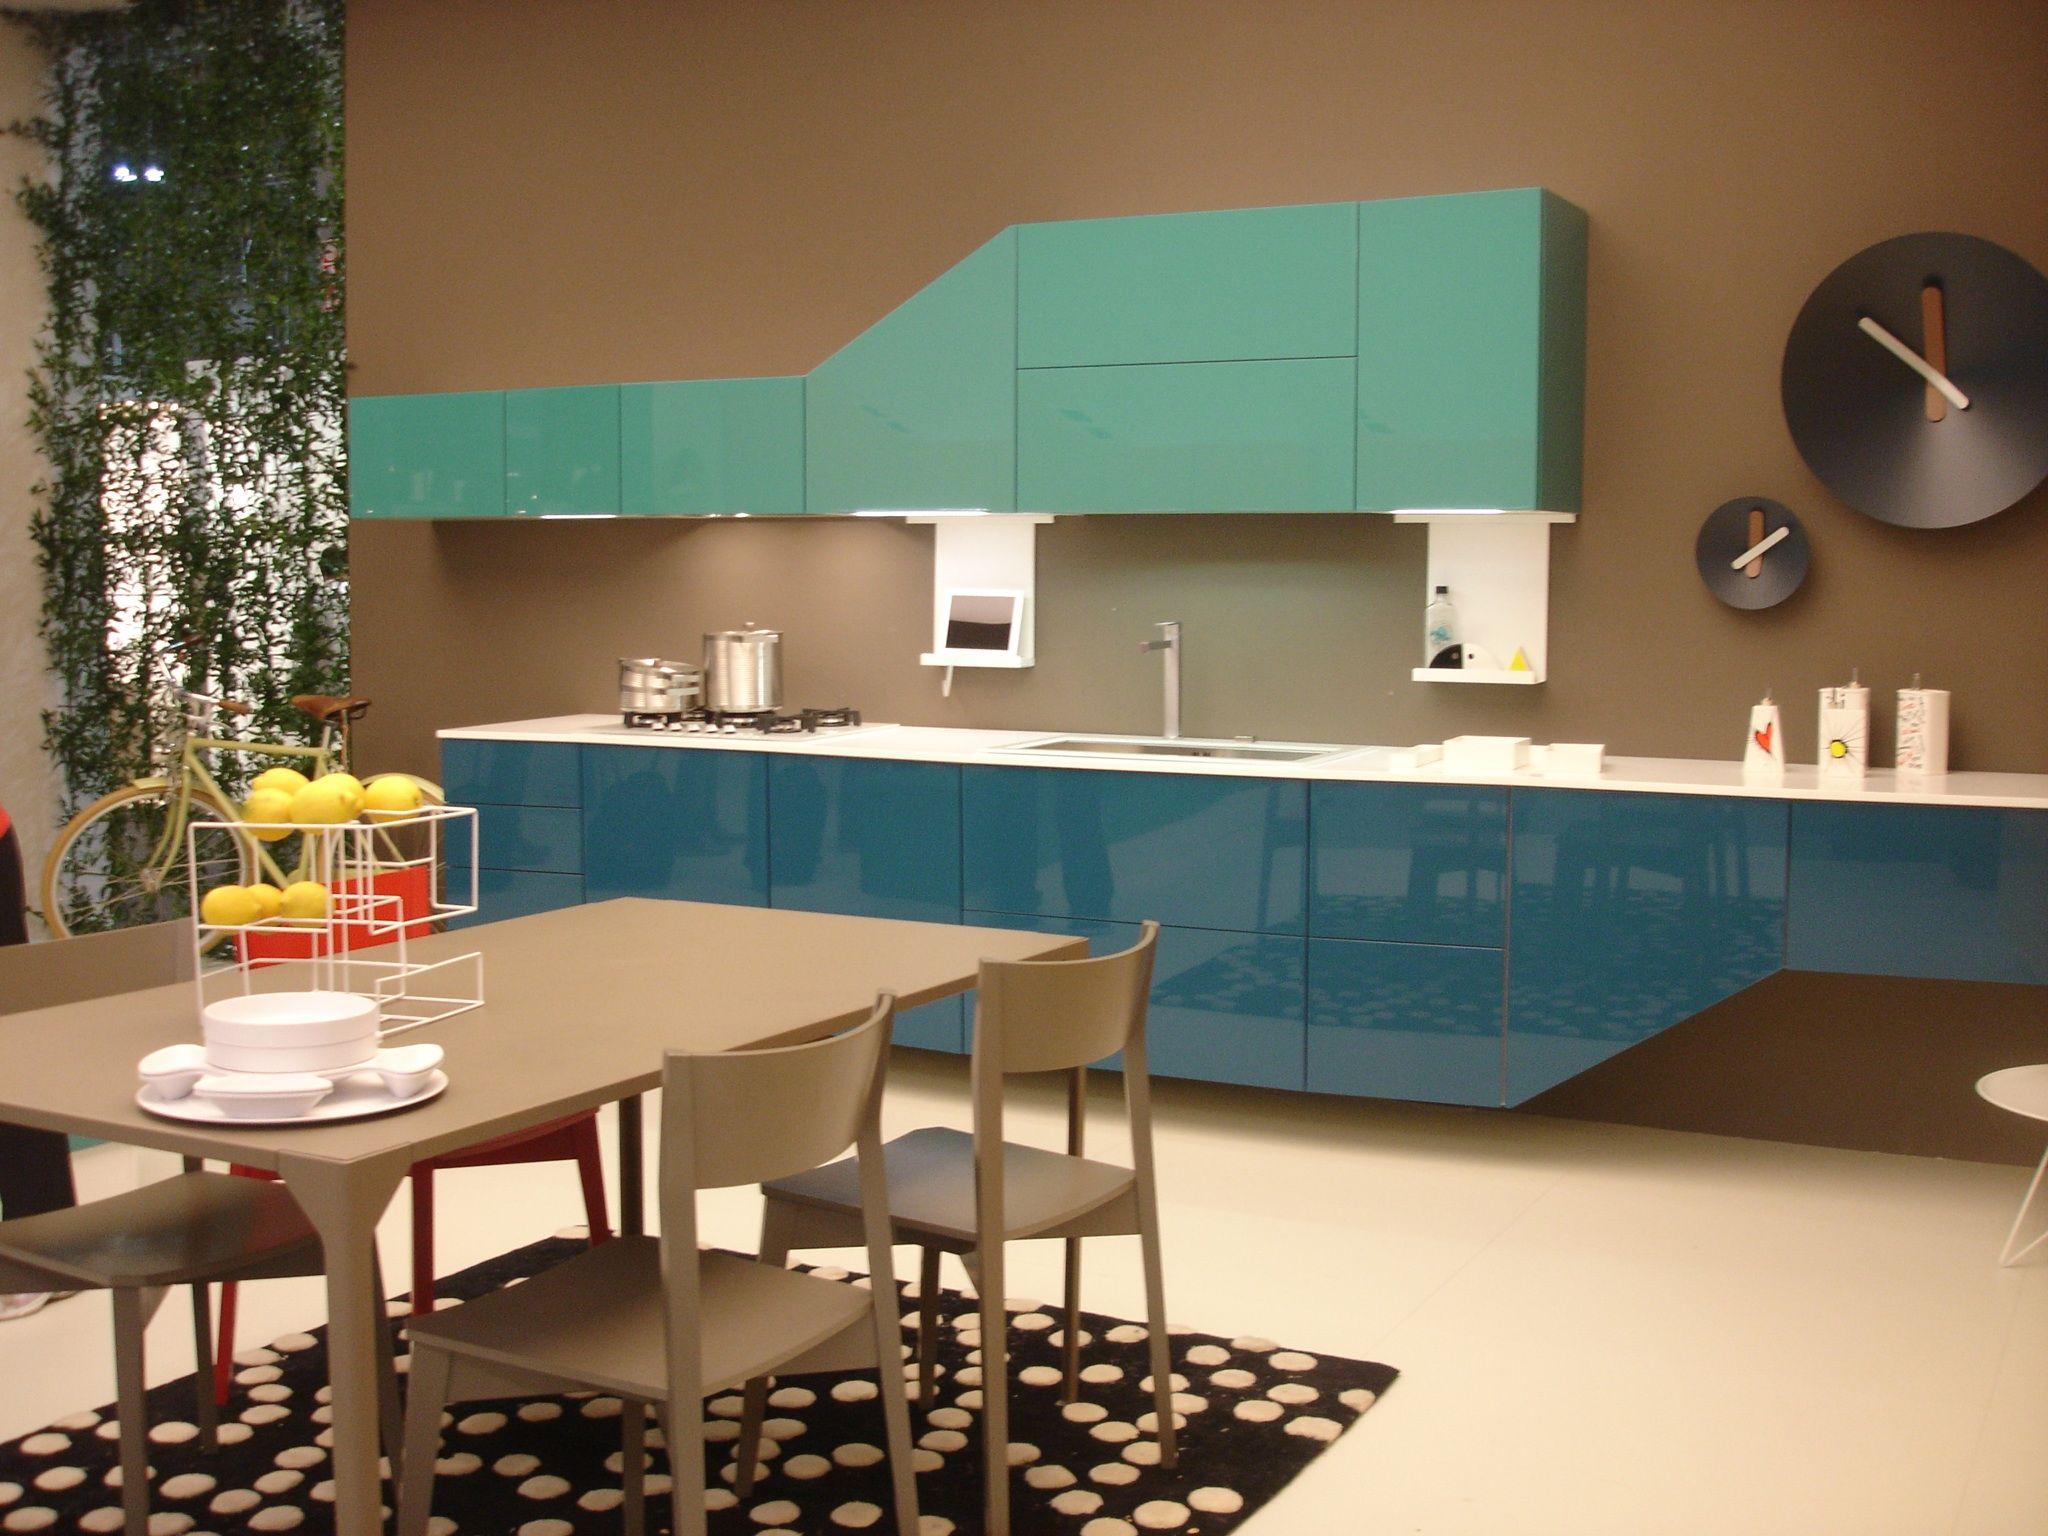 Cocina azul cat logo de muebles fhoa - Catalogos de muebles de cocina ...